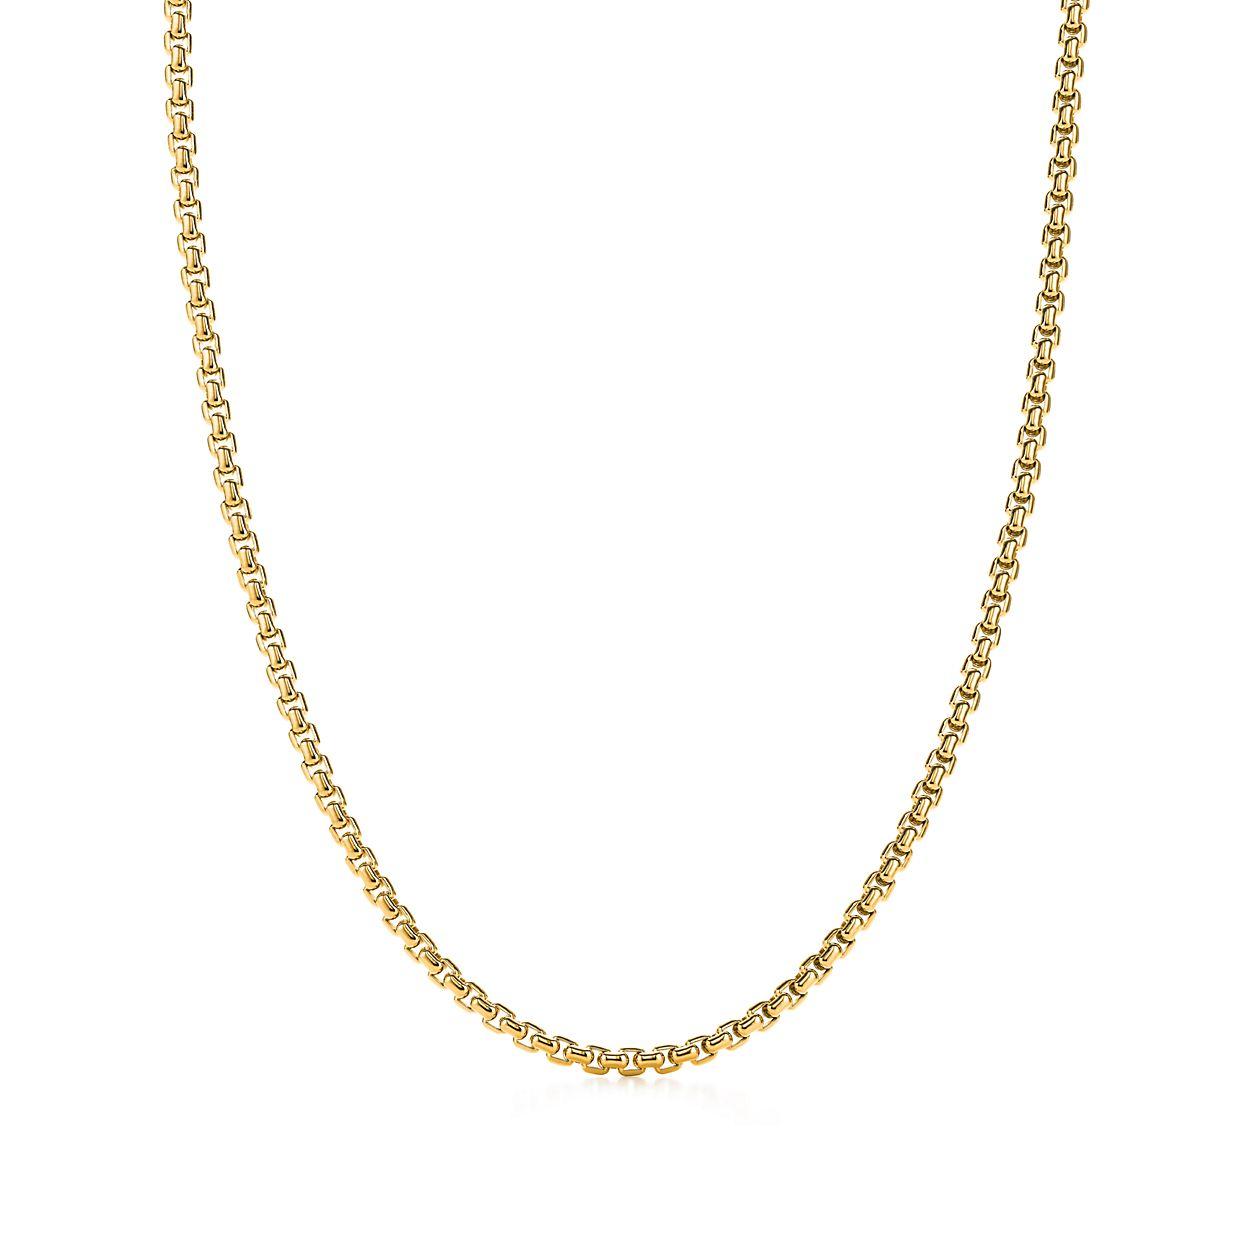 Chaîne En Or Blanc 18 Carats, 30 M De Longueur - Taille 30 Tiffany & Co.